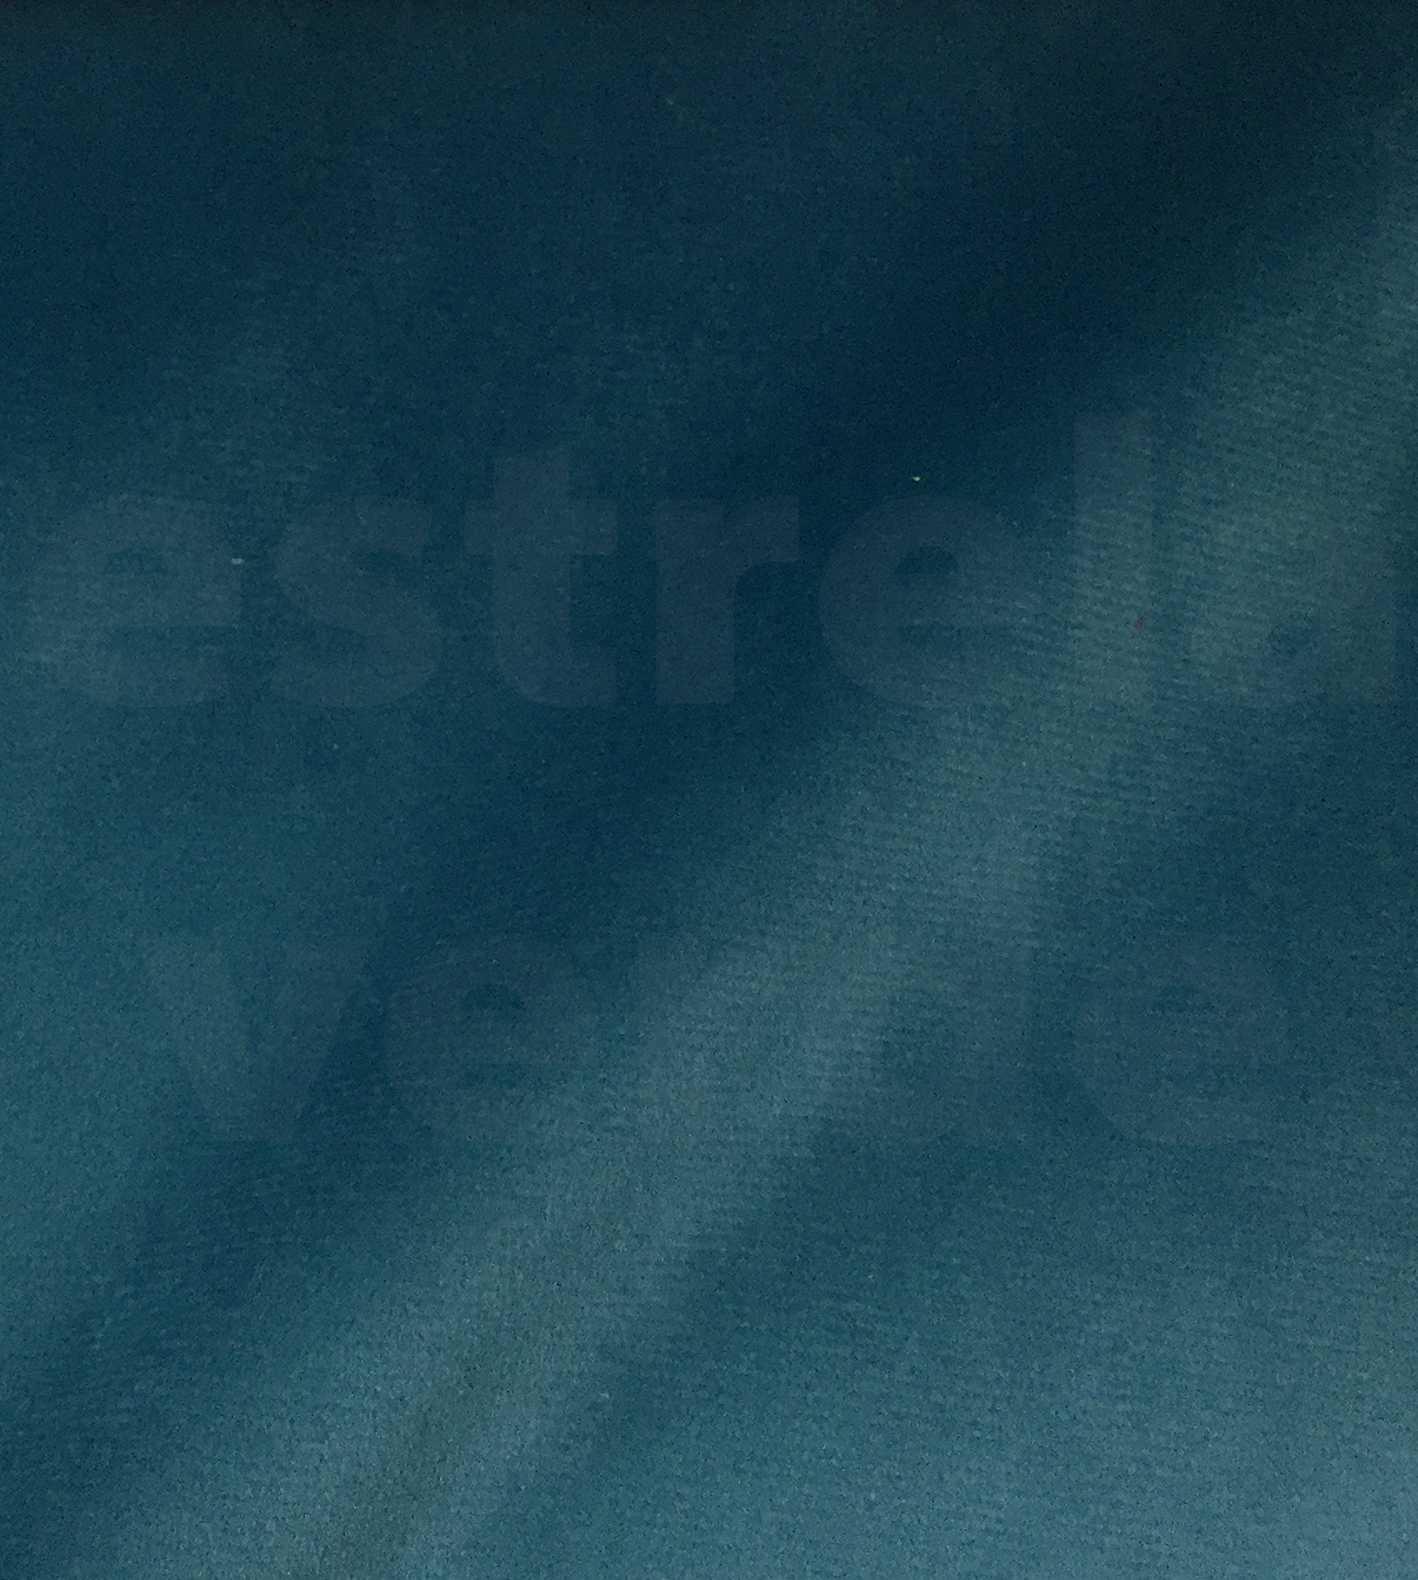 VELUDO AZUL CLARO 913  - Estrela Verde